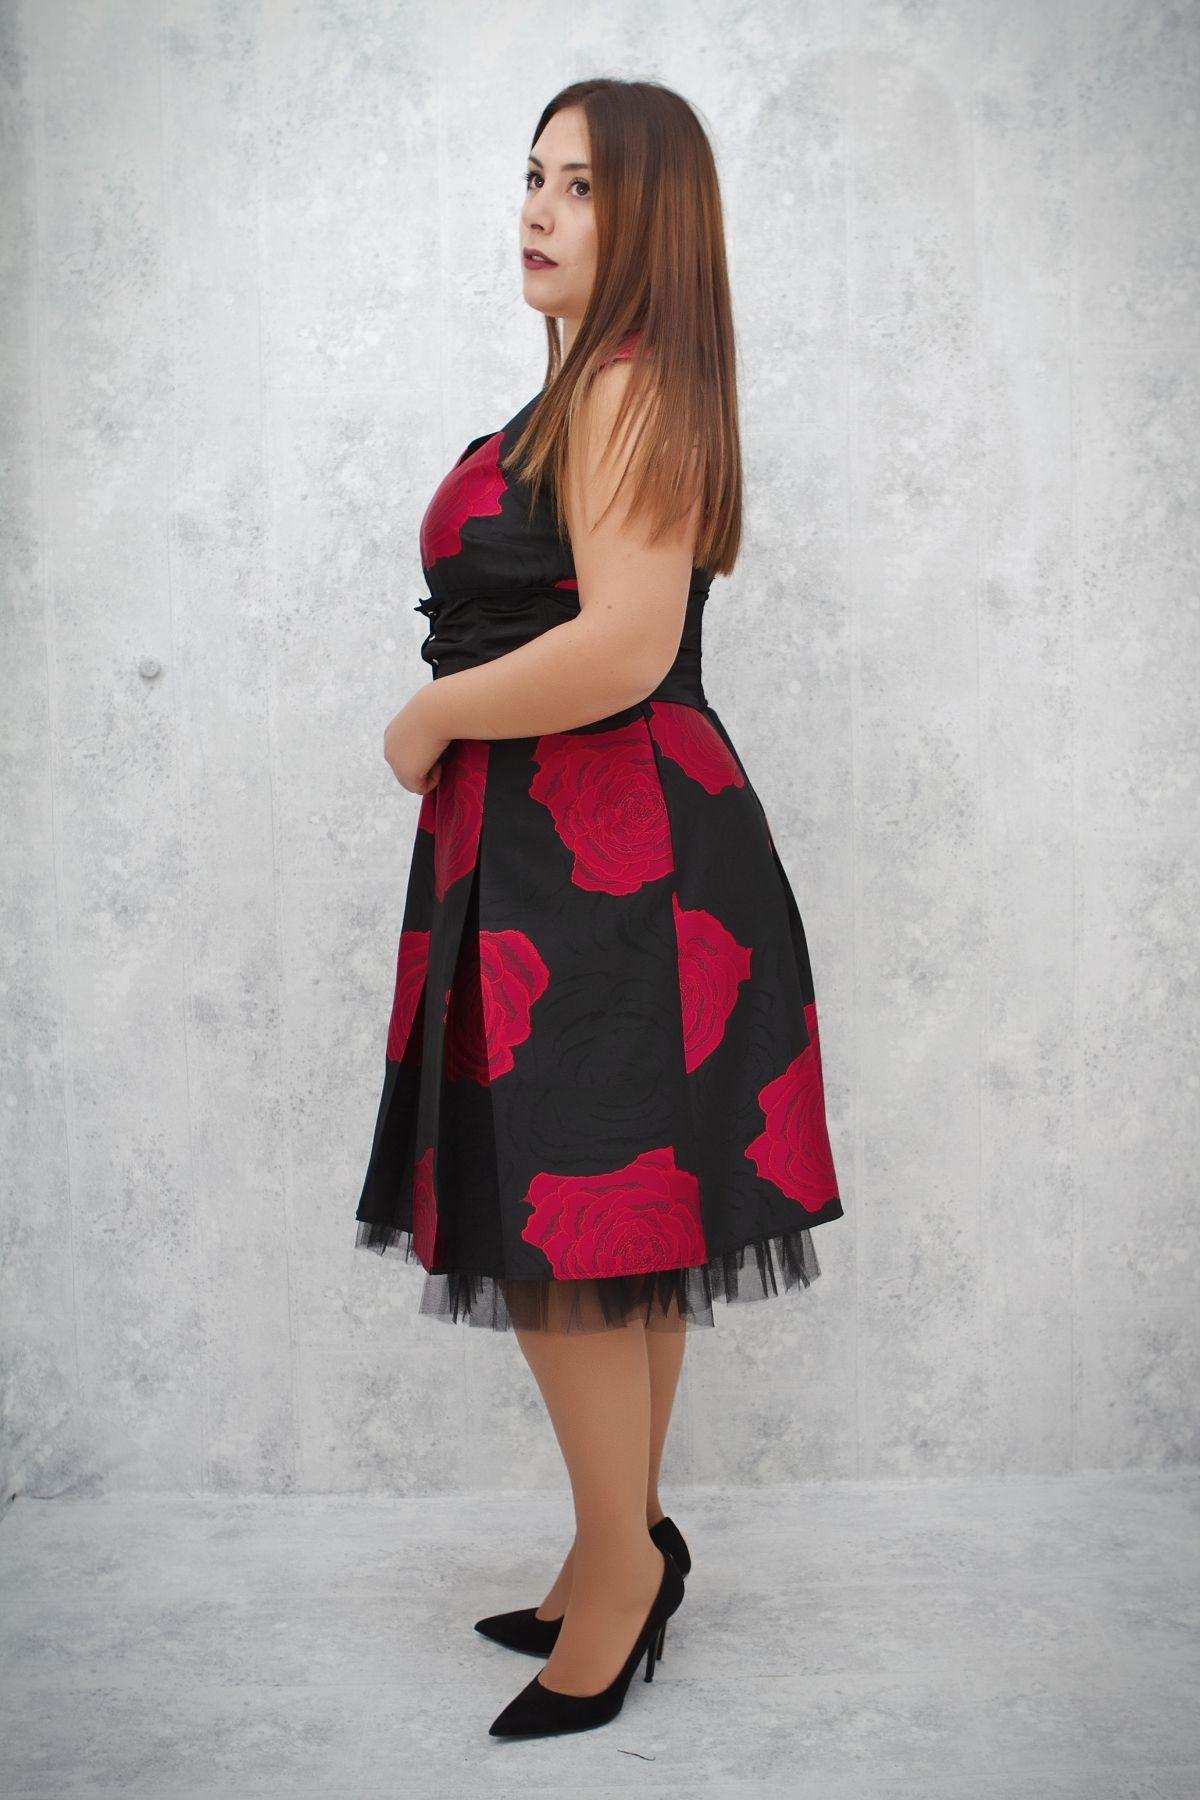 ΦΟΡΕΜΑ midi ΜΕ ΖΩΝΗ - Real Lady - Shop Online 2763b3b7b37